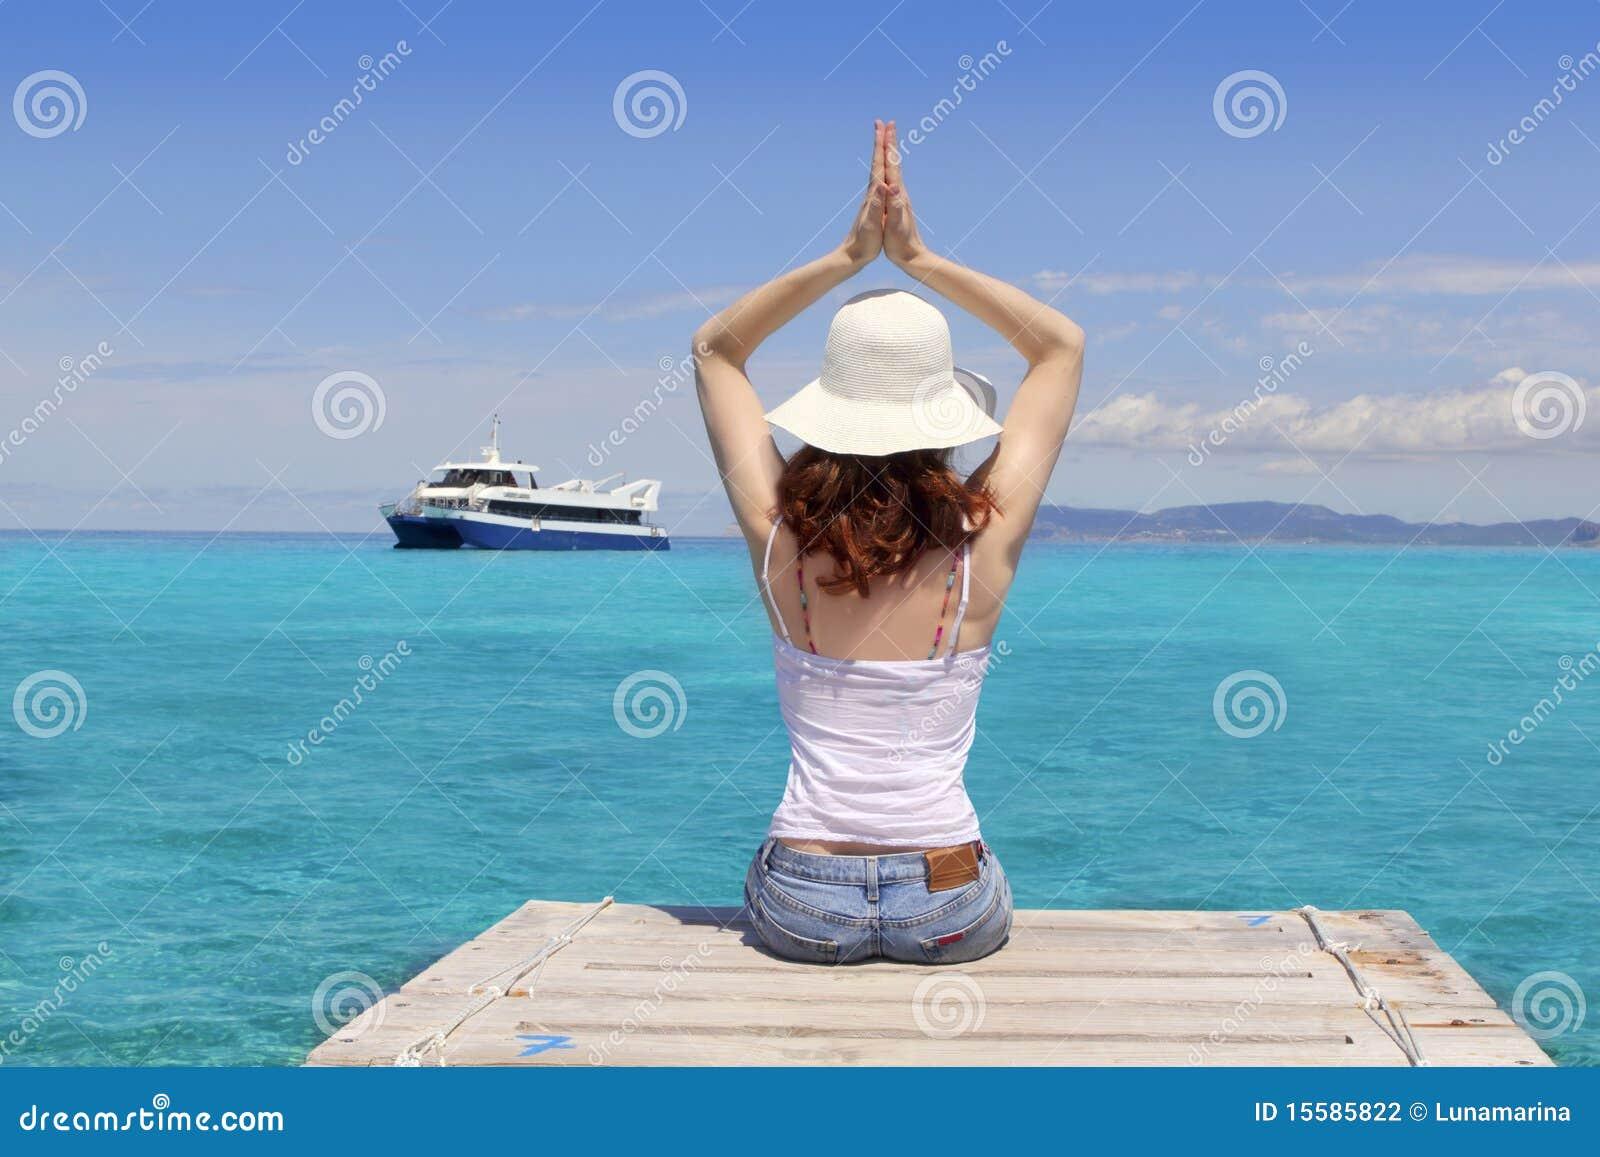 拜雷阿尔斯formentera放松海运热带女子瑜伽